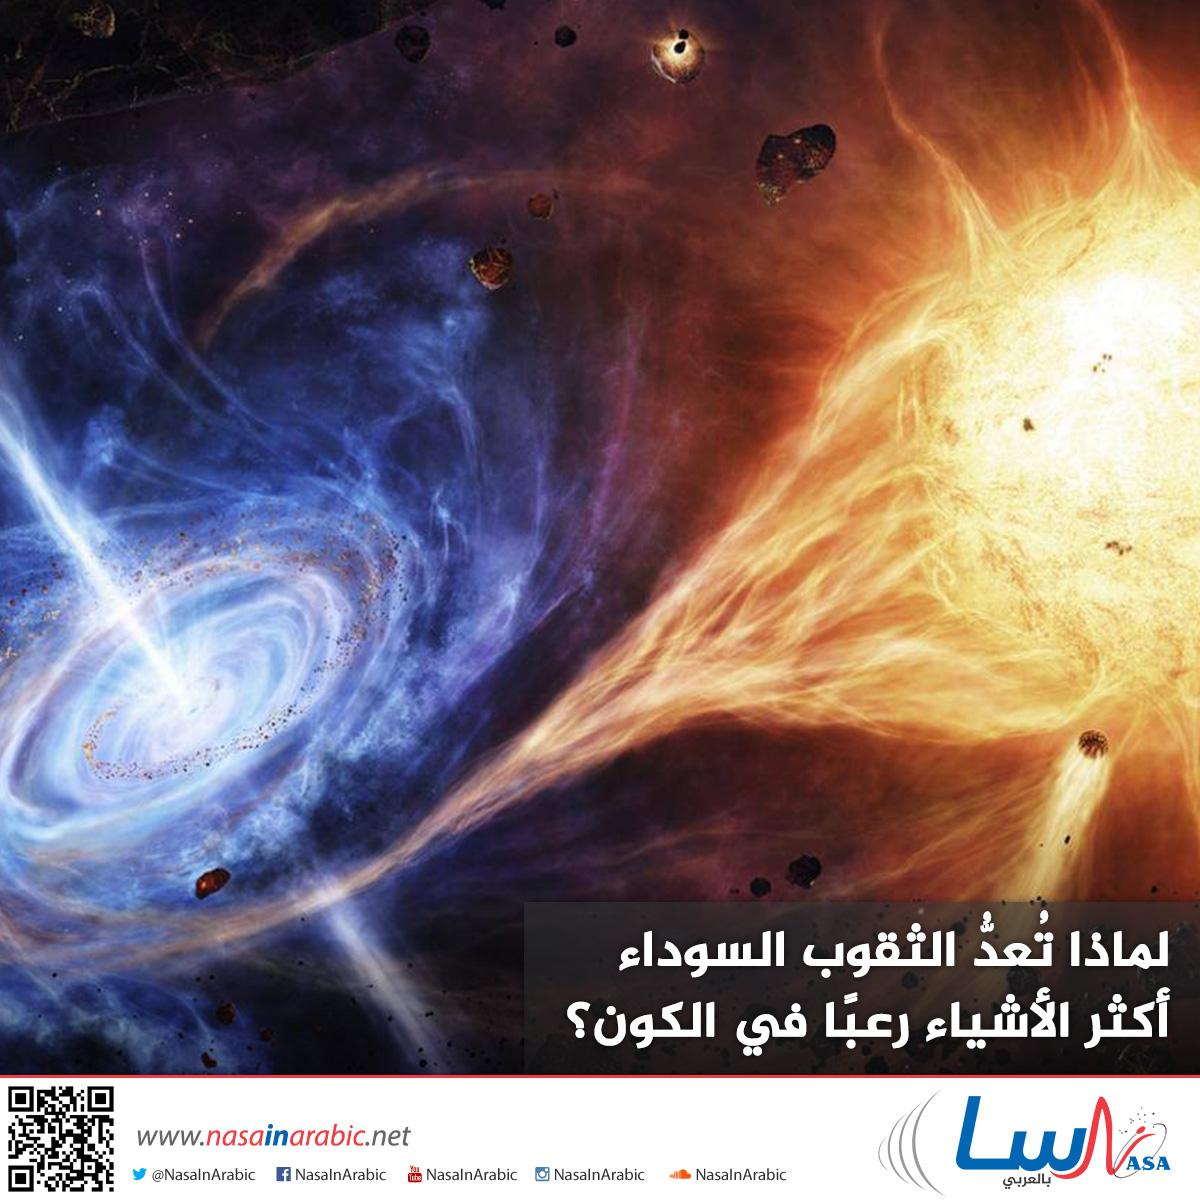 لماذا تُعدُّ الثقوب السوداء أكثر الأشياء رعبًا في الكون؟